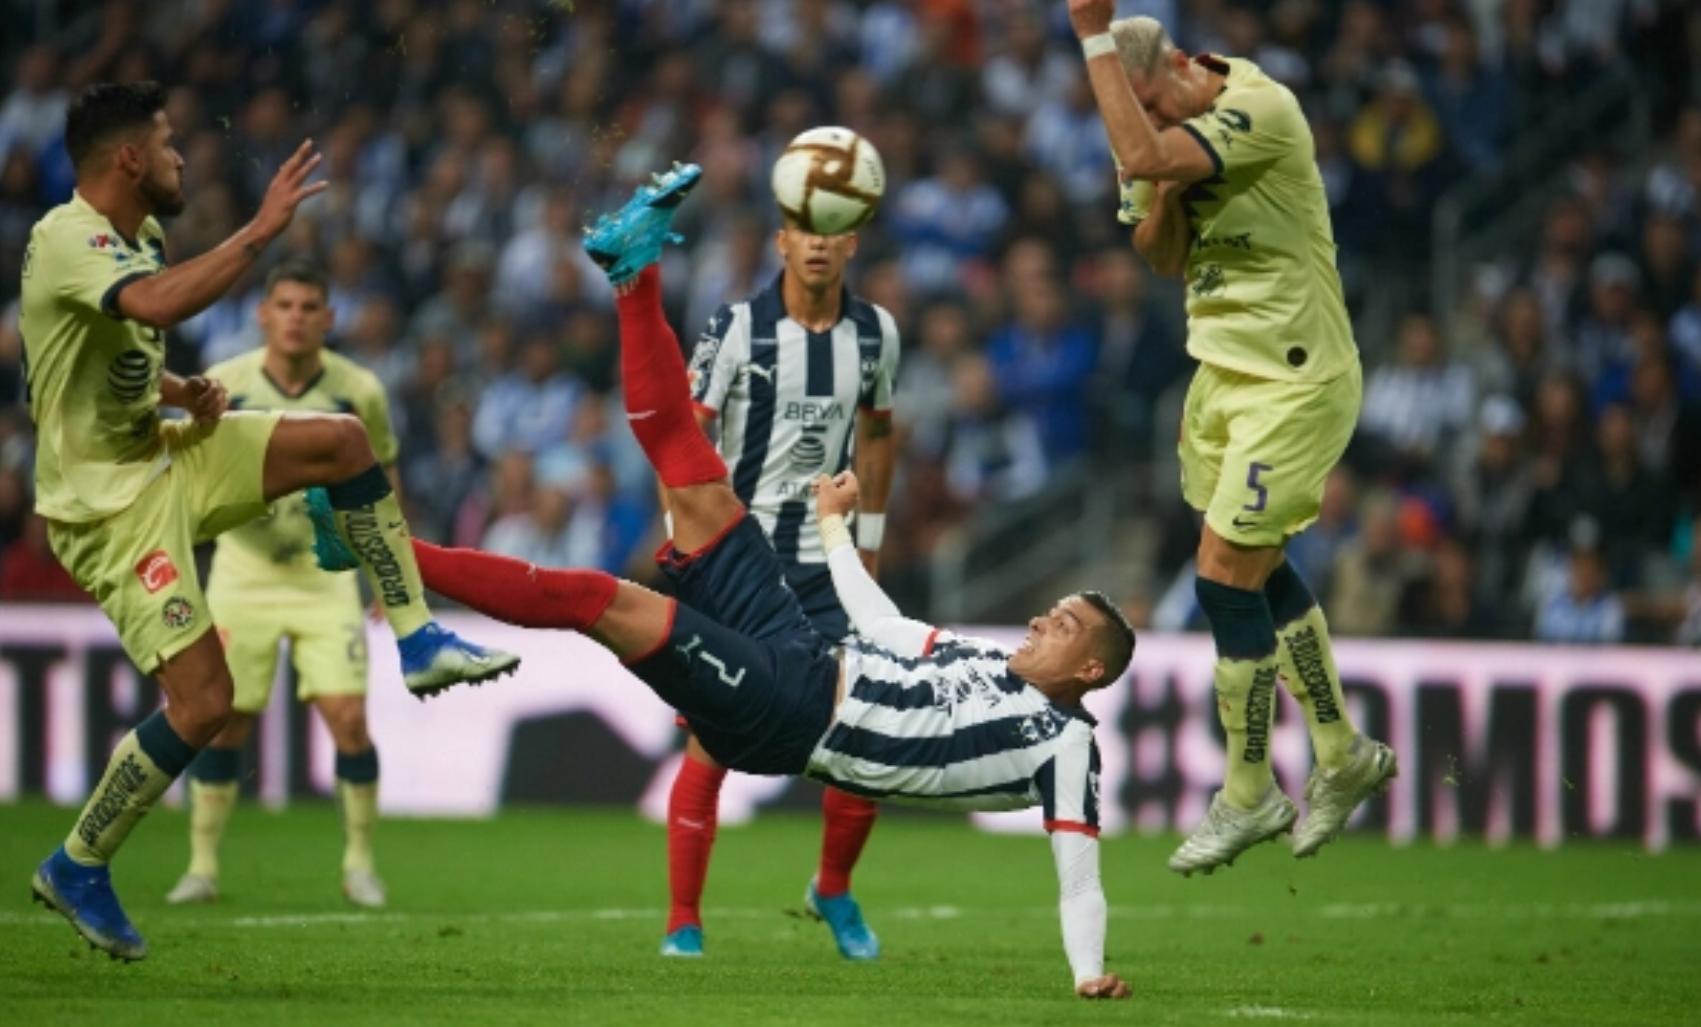 ¡Con golazo de chilena! Monterrey derrota al América en Final de Ida.